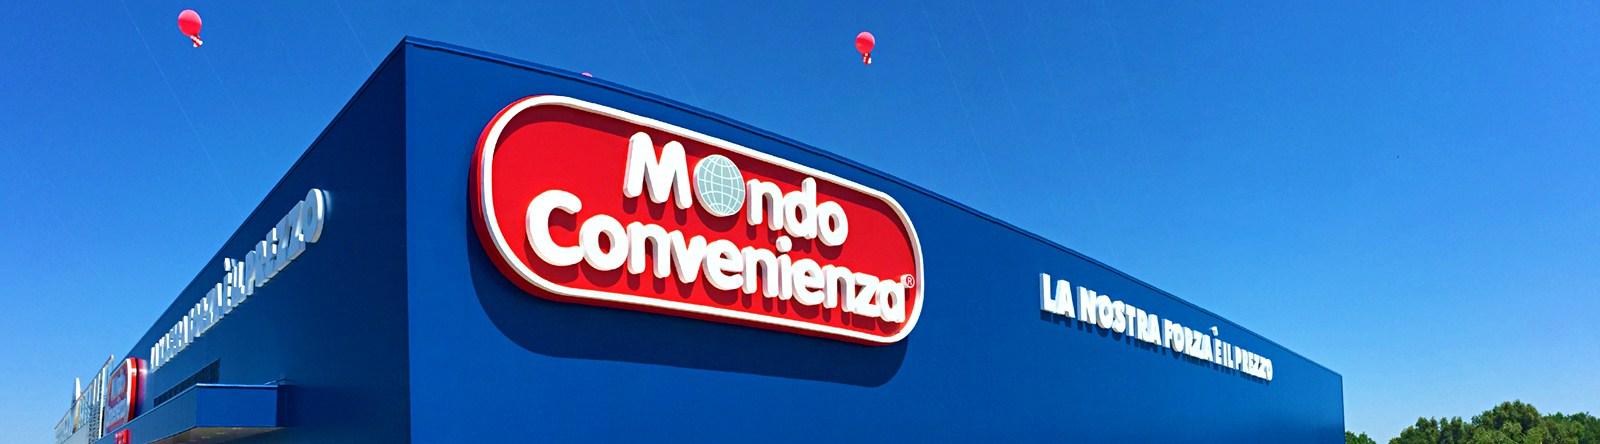 acquista on-line - Mobili Convenienza On Line